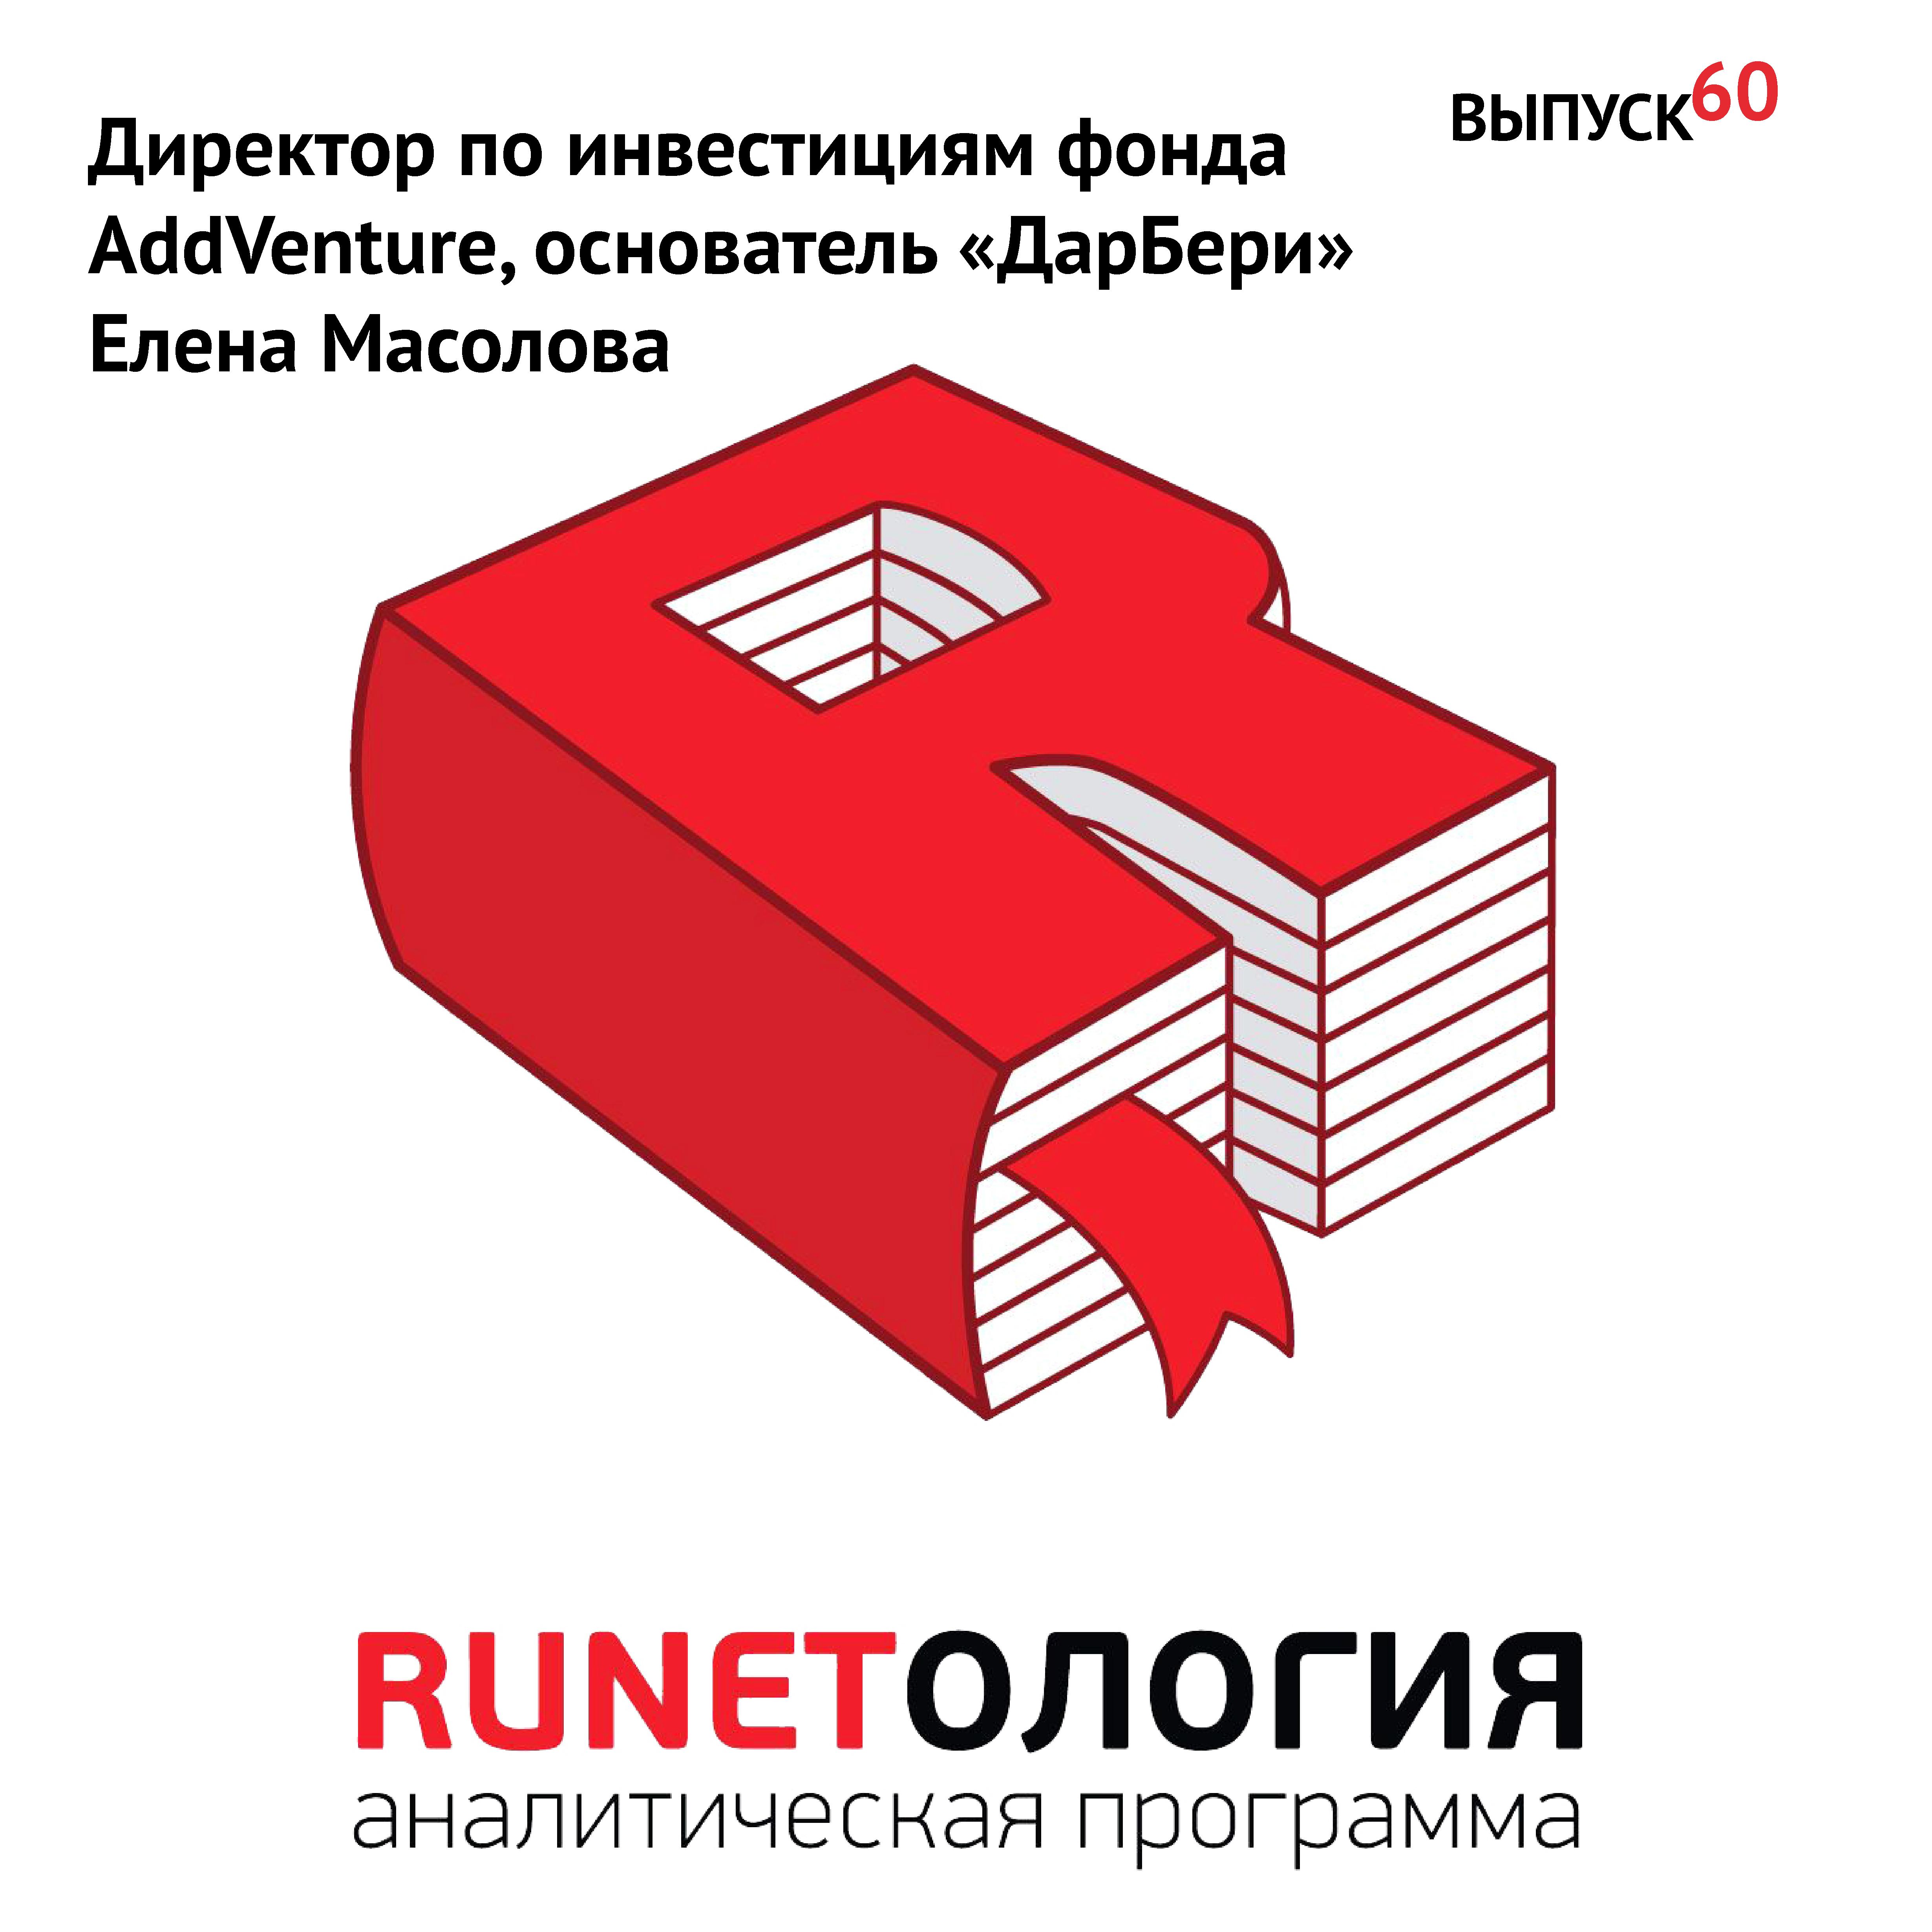 Максим Спиридонов Директор по инвестициям фонда AddVenture, основатель «ДарБери» Елена Масолова